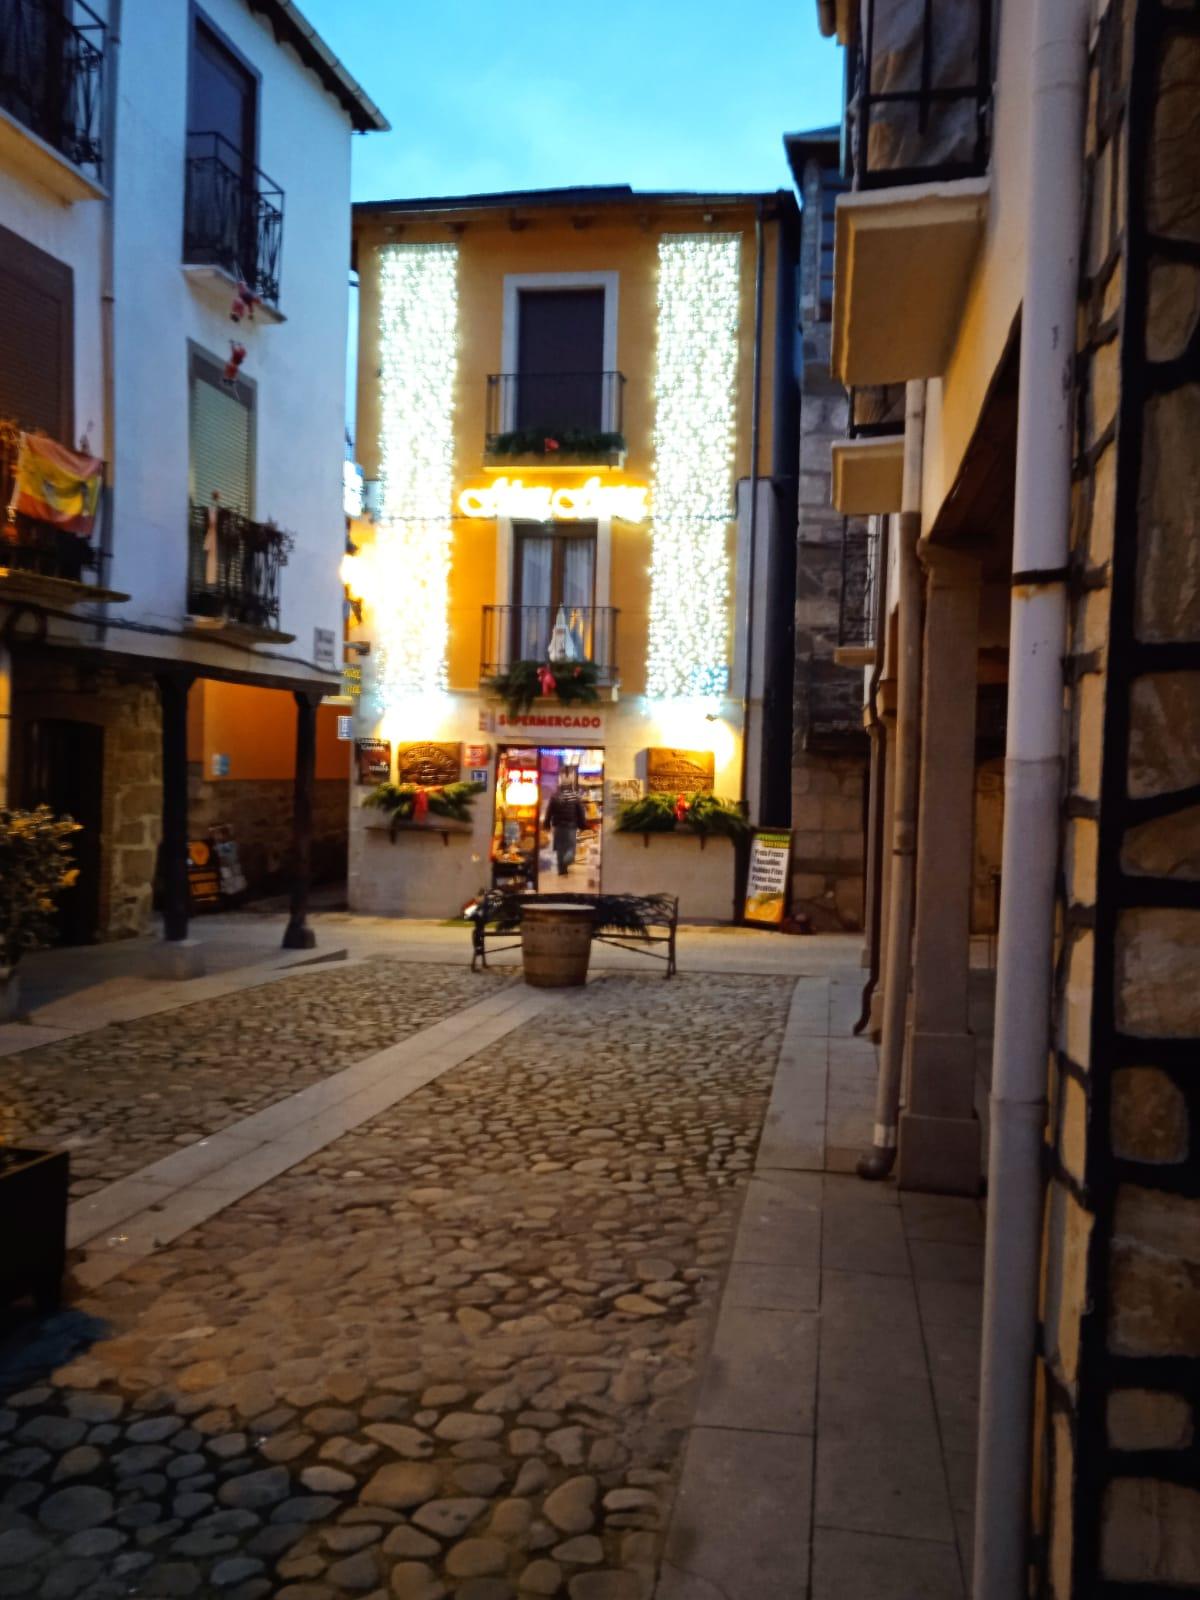 Ganadores del concurso de decoración navideña conjunta de Molinaseca y Villafranca 2